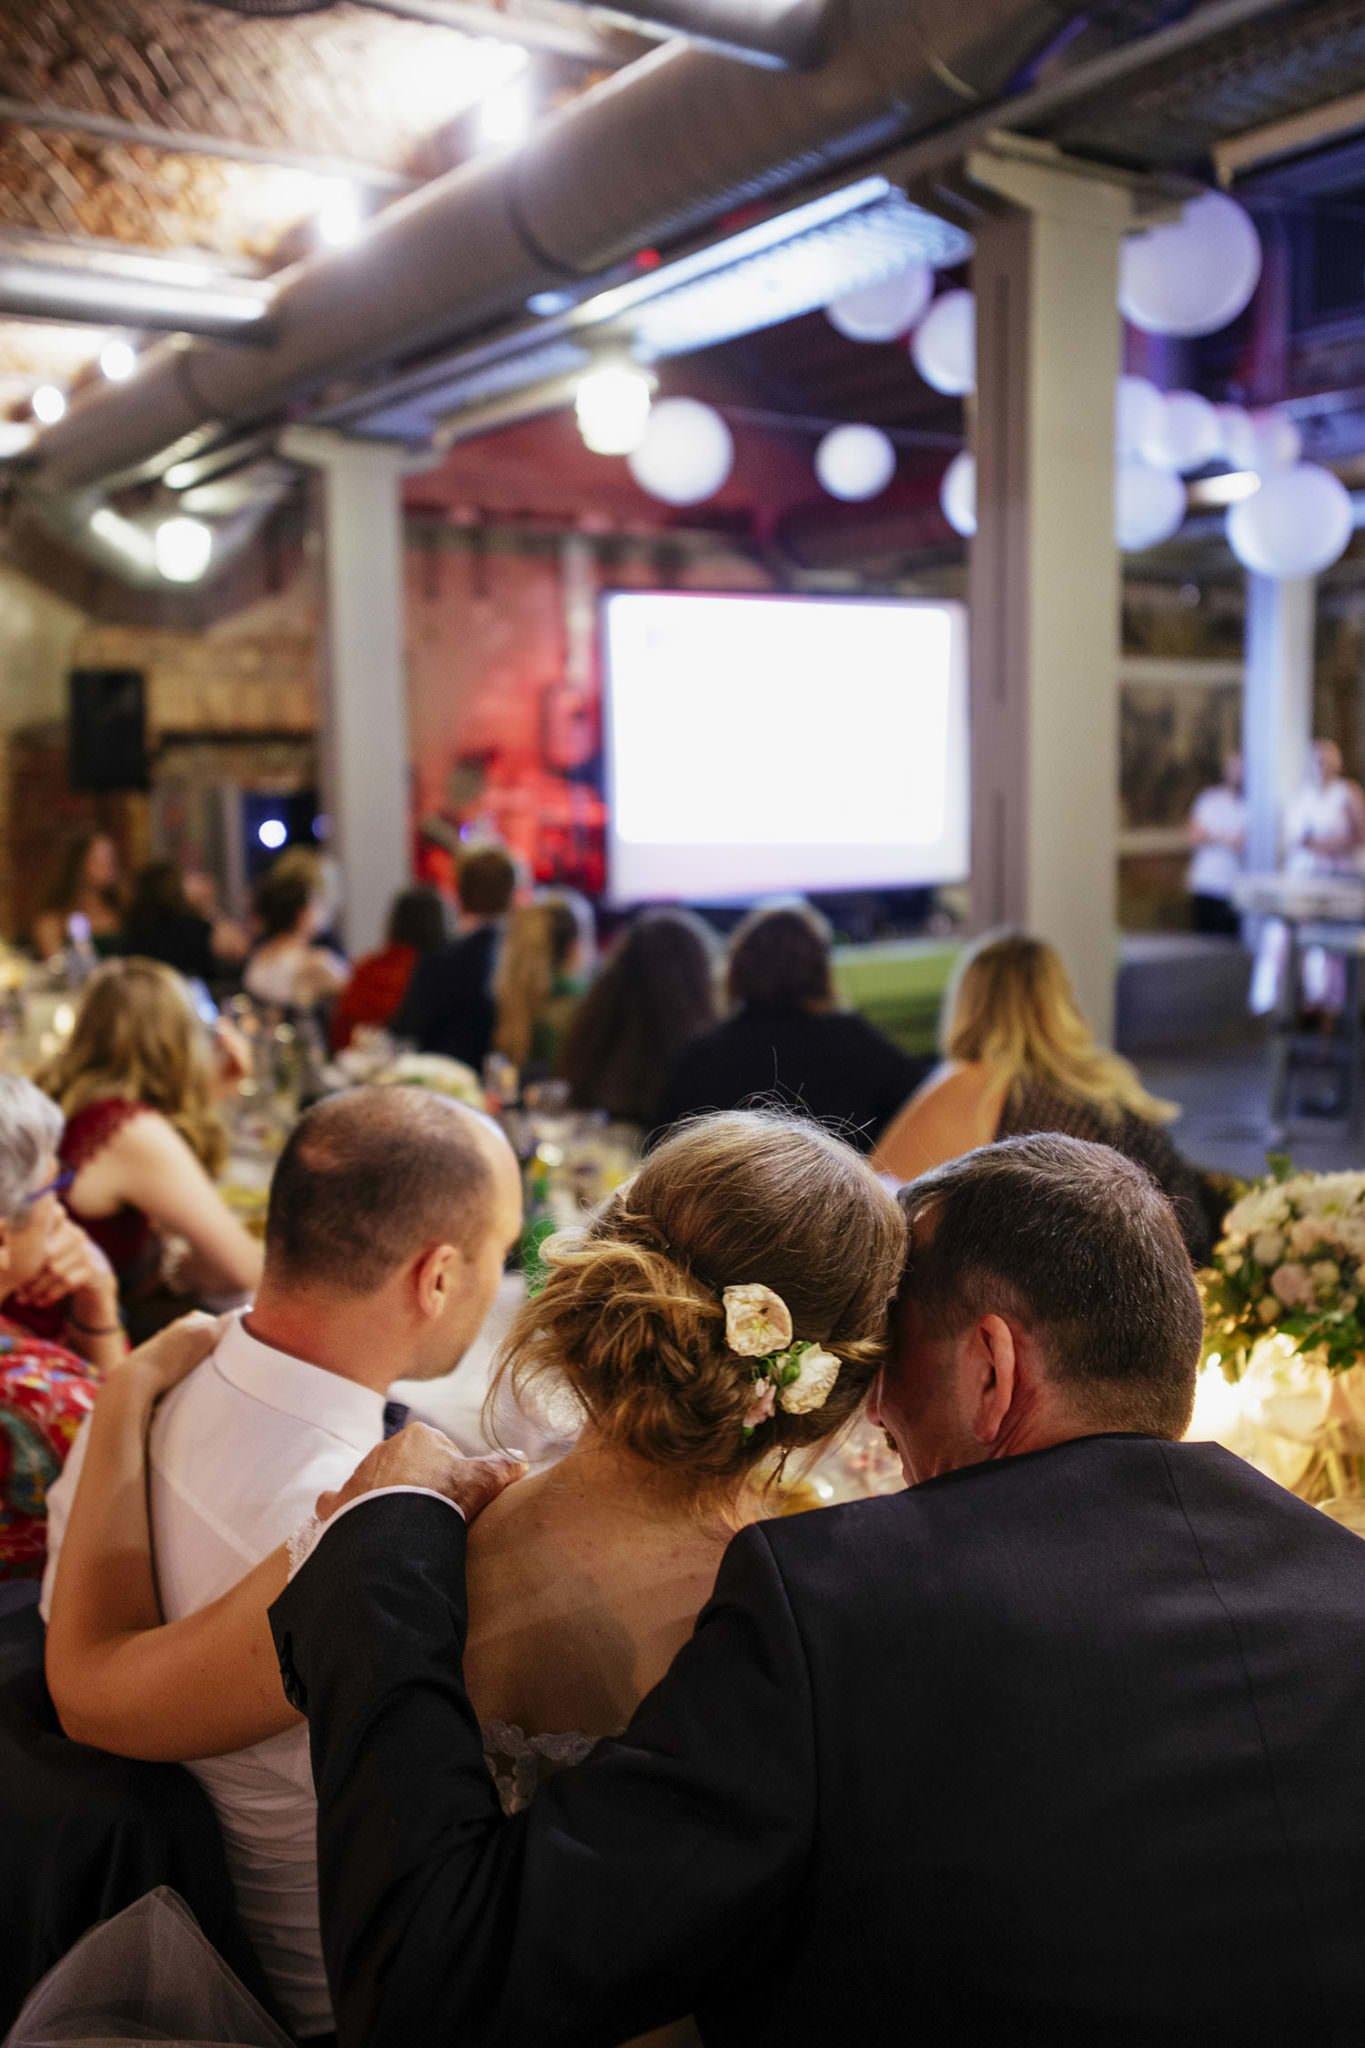 fotografie wesele browar obywatelski tychy 110 - Wesele w Browarze obywatelskim - OLA & IVO